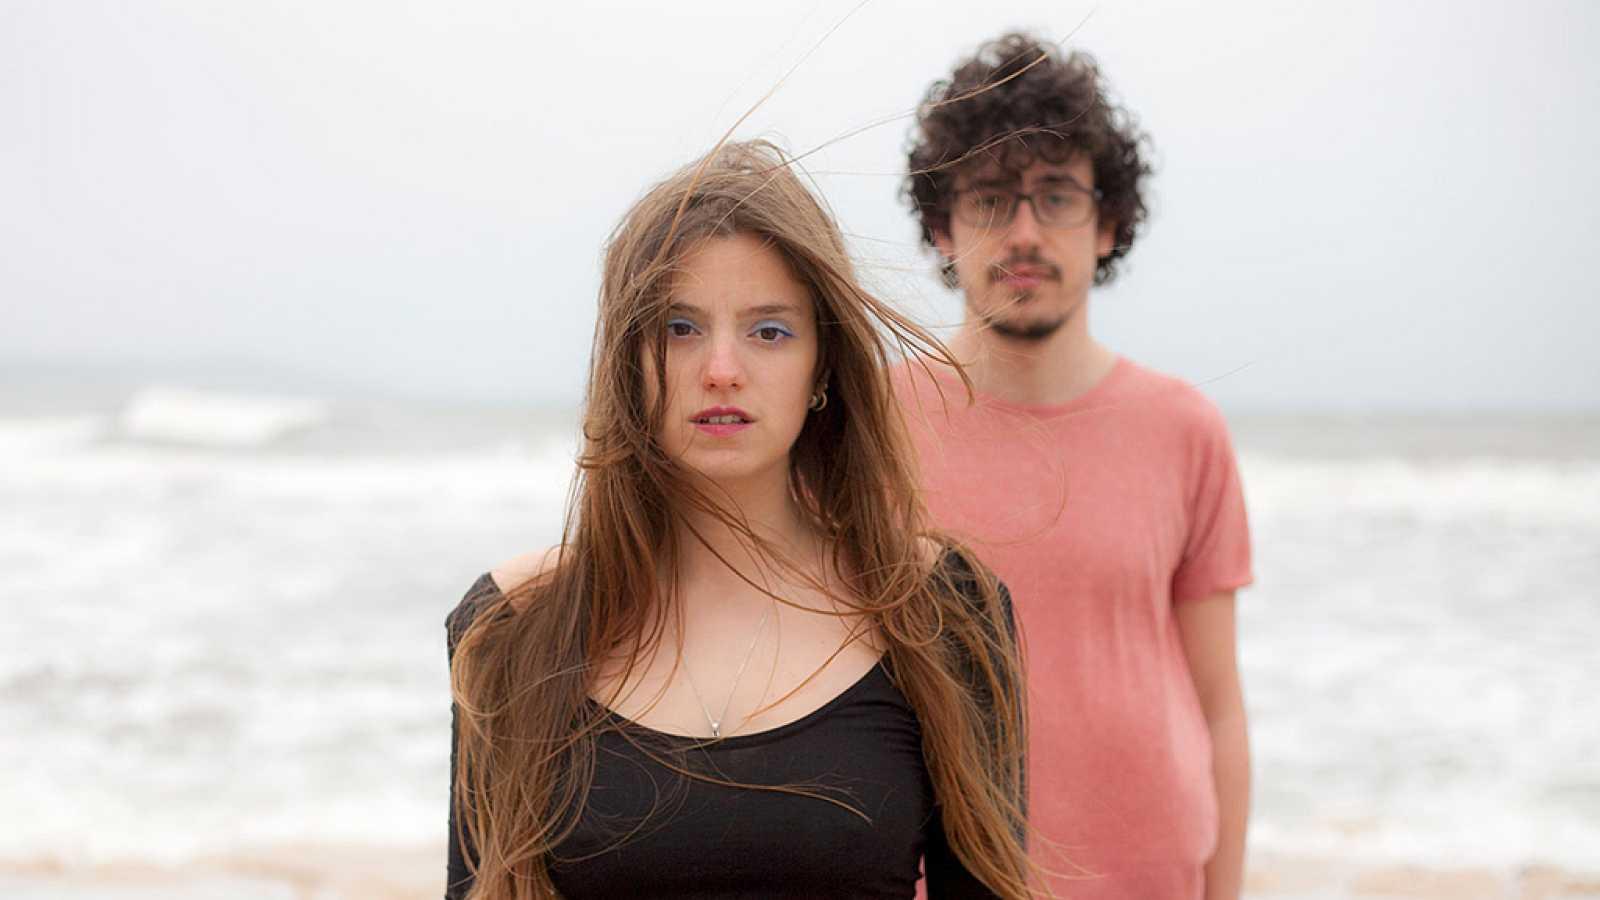 Cultura con ñ - Magalí Sare y Sebastiá Gris publican su primer disco como dúo - 21/12/19 - Escuchar ahora